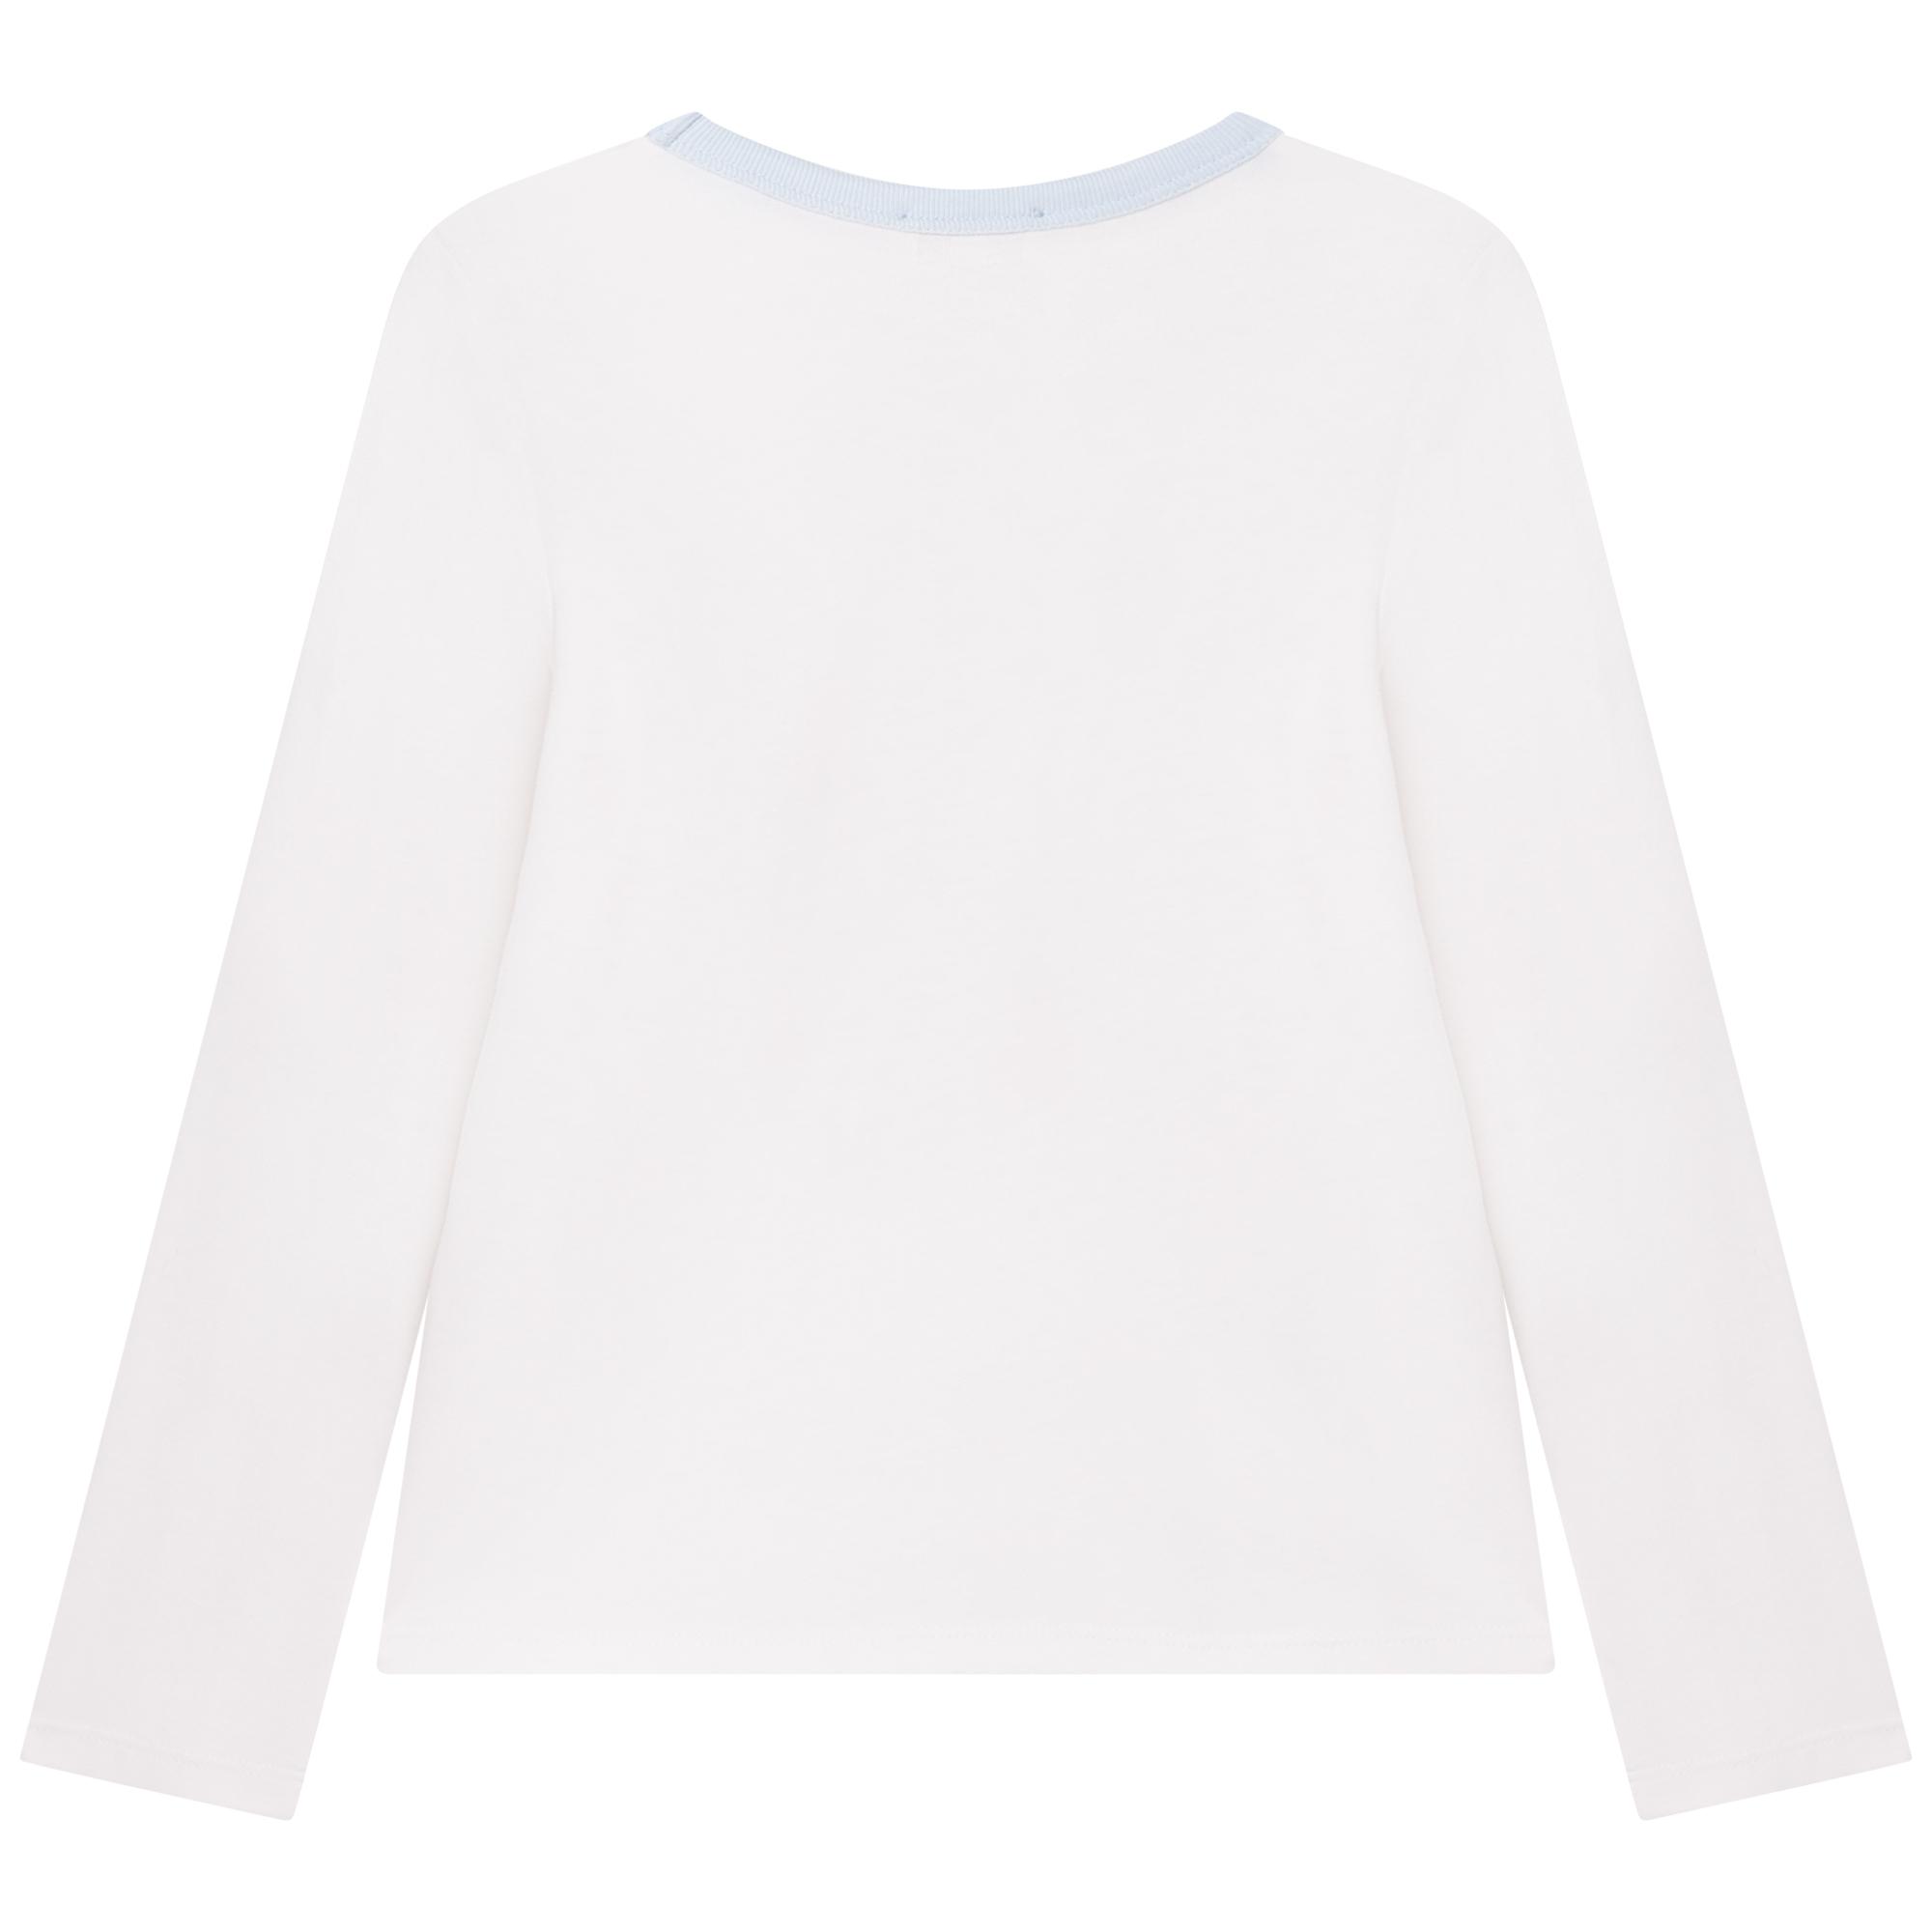 T-shirt jersey coton et modal LANVIN pour FILLE